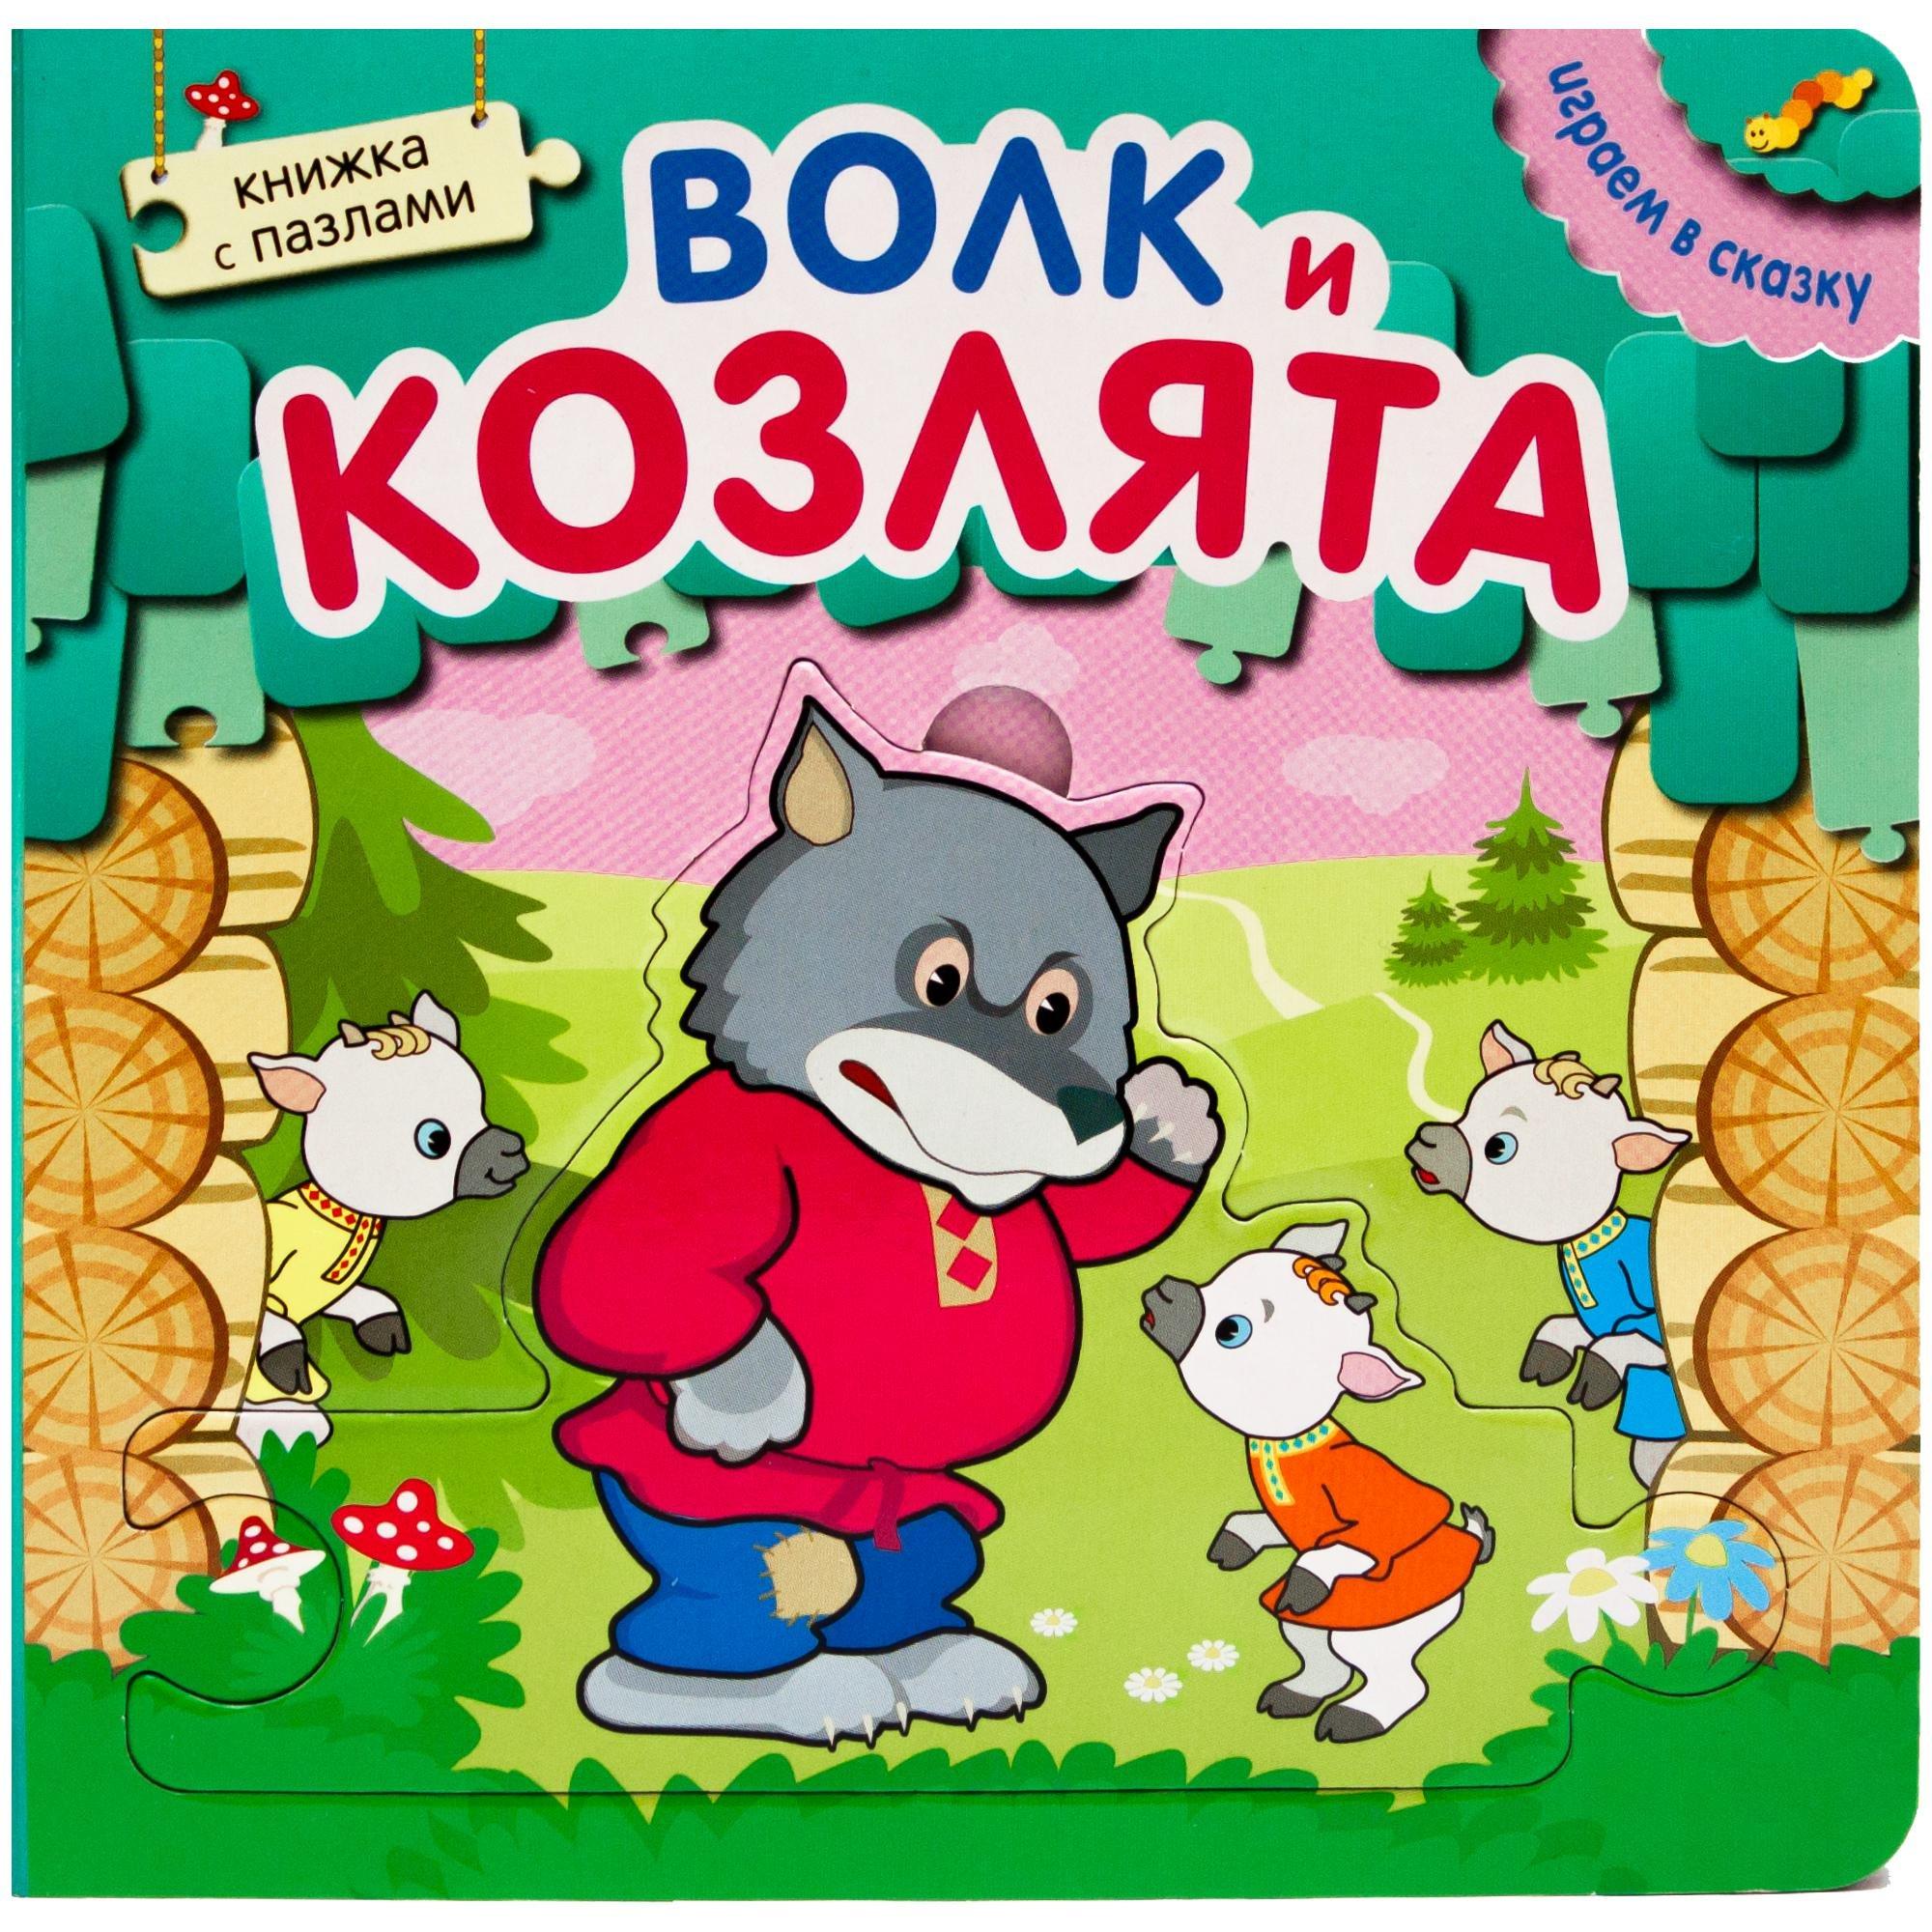 Играем в сказку. Книжка с пазлами. Волк и козлята (New) недорого